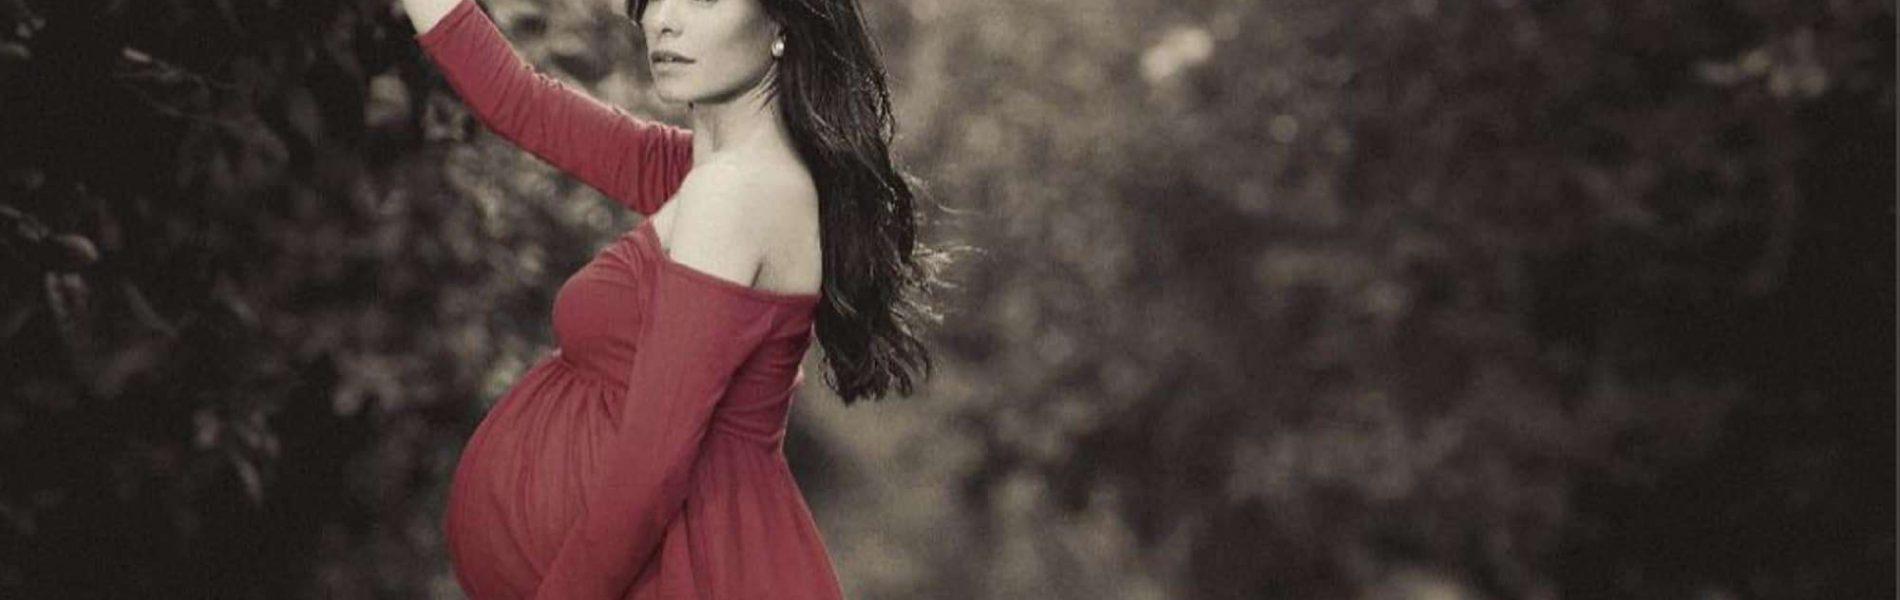 מטרת העל של כל אישה על פי מיכל הקטנה: להיכנס לסקיני ג'ינס אחרי ההיריון